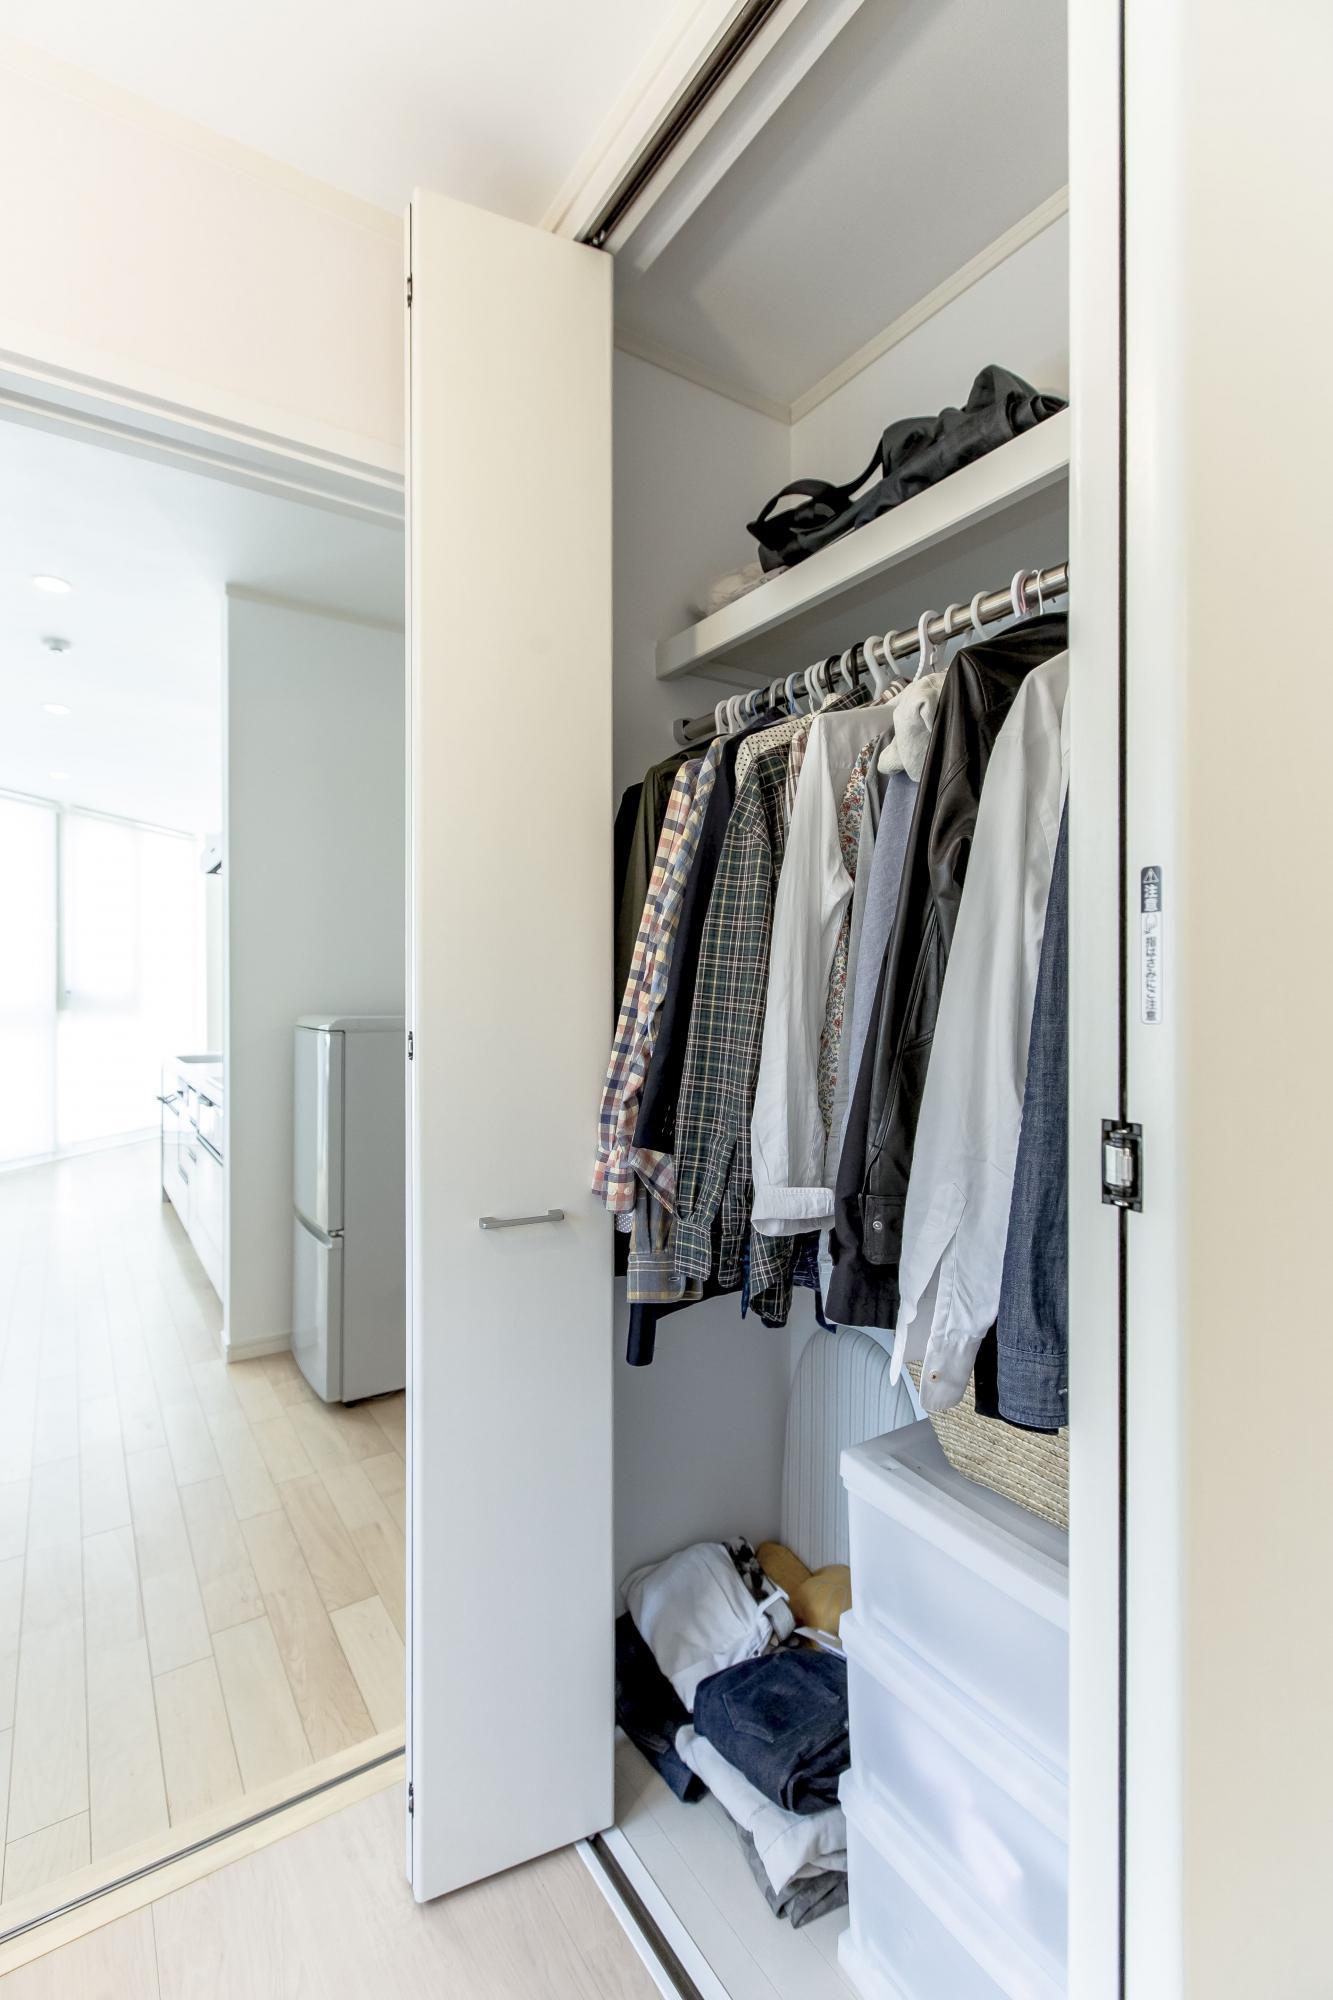 家事室のカウンターの反対側には天井までの高さの壁面収納を設置。アイロン掛けから畳む、しまうまで、家事室ですべて完結できる。